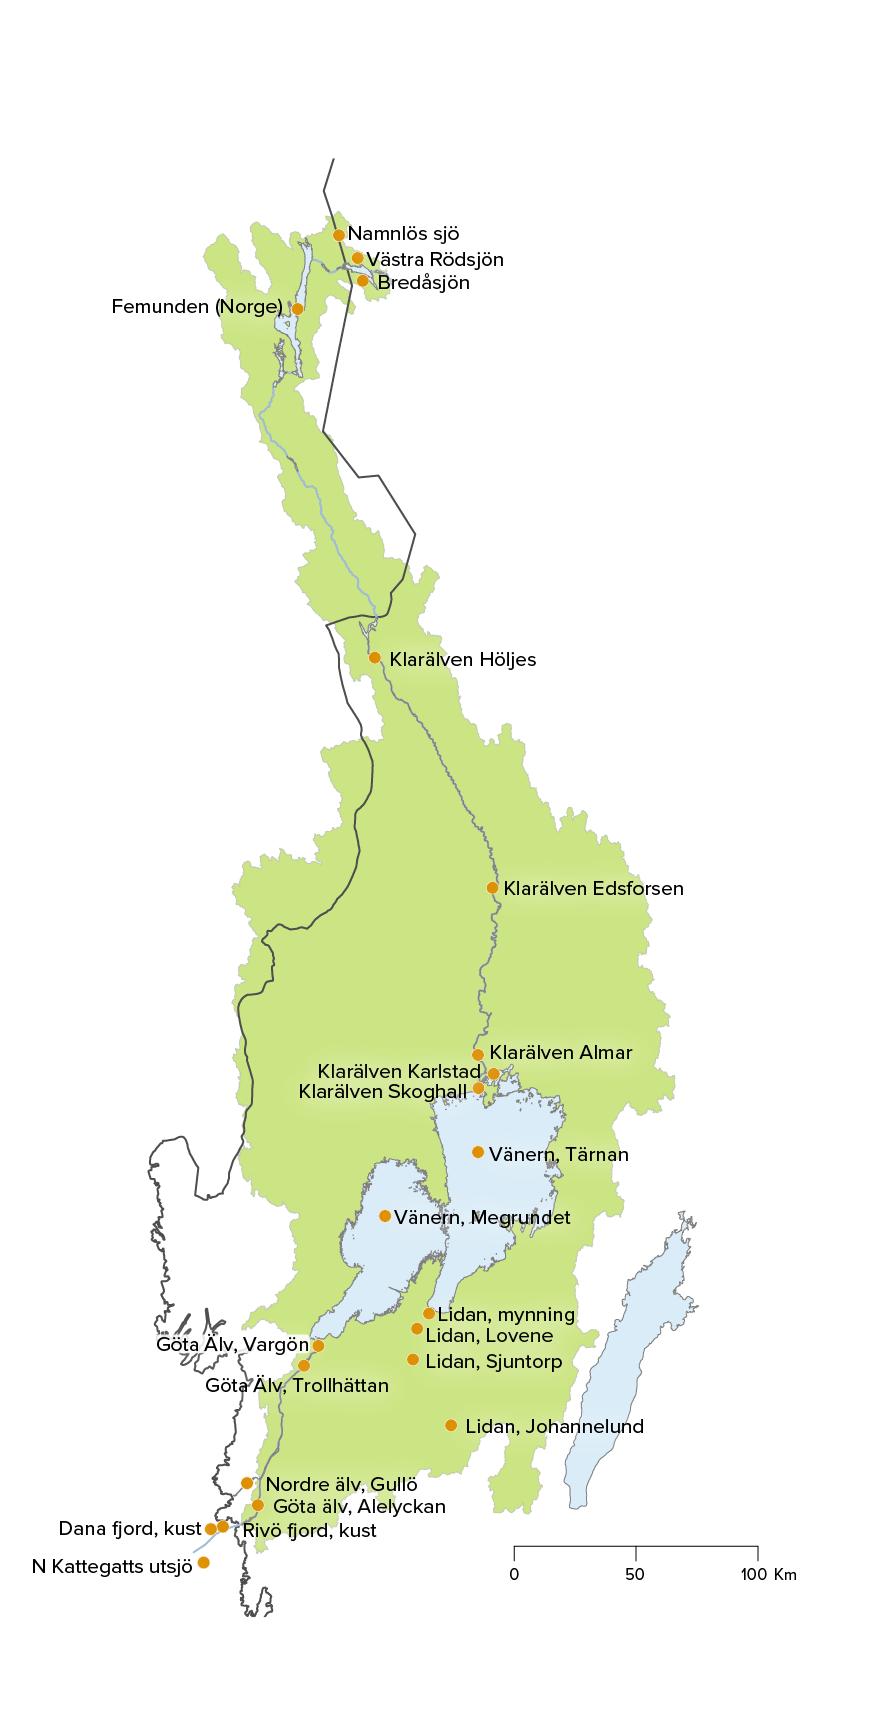 Karta av Göta älvs avrinningsområde med 24 utvalda stationer utmarkerade